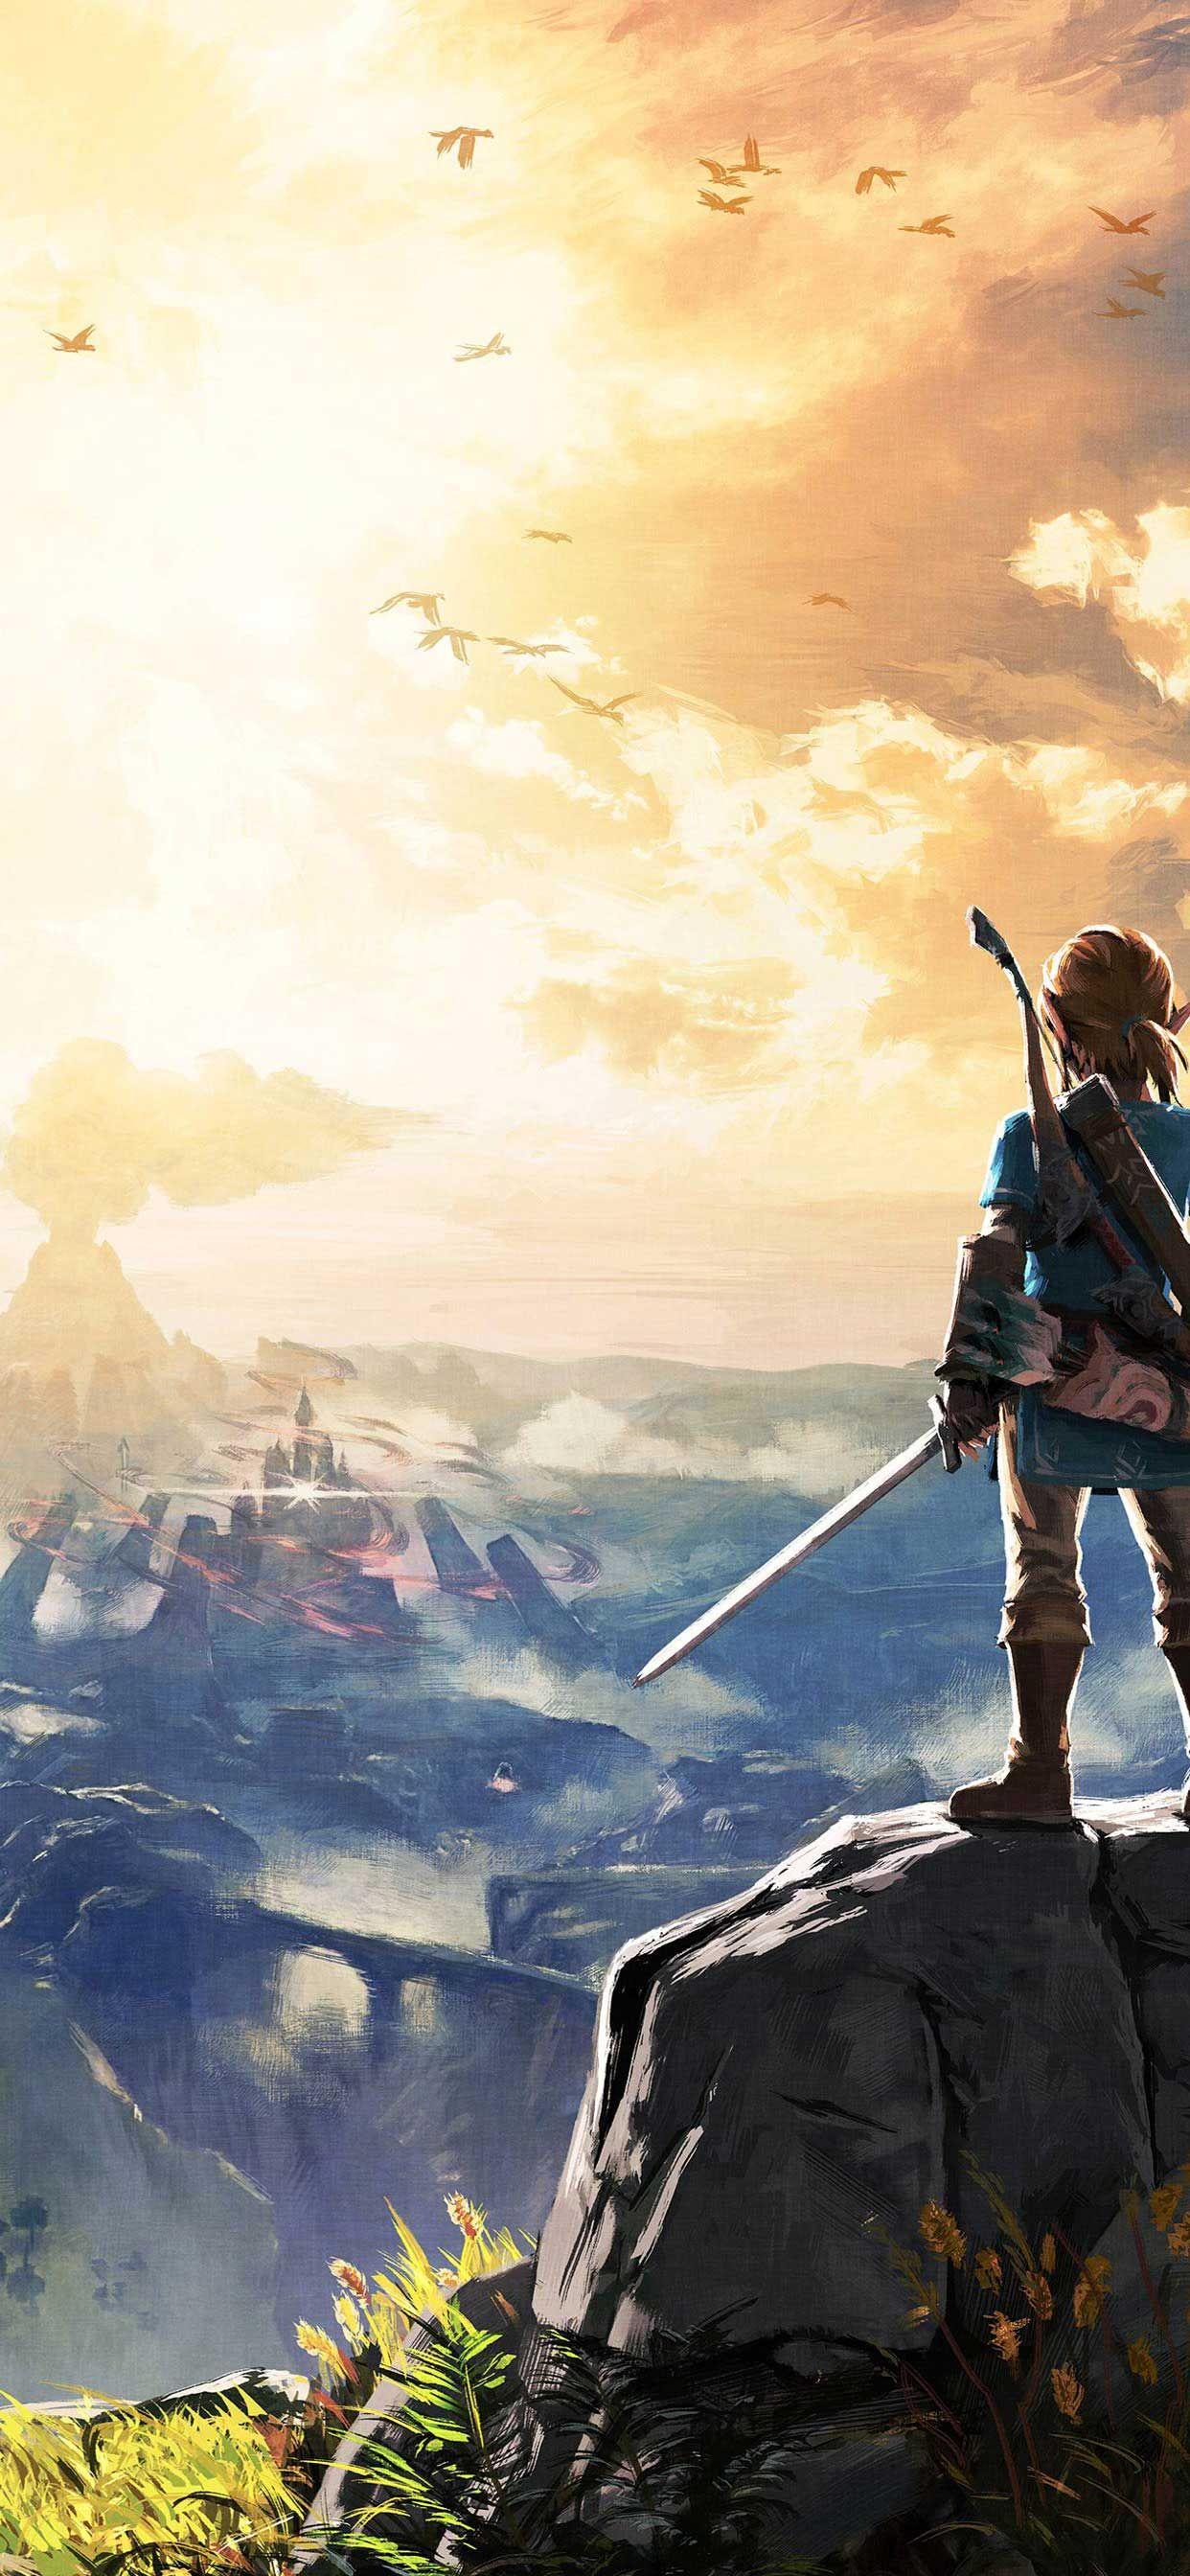 The Legend Of Zelda Breath Of The Wild K Wallpaper Iphone Pro Ma Wallpaper Legend Of Zelda Legend Of Zelda Breath World Wallpaper